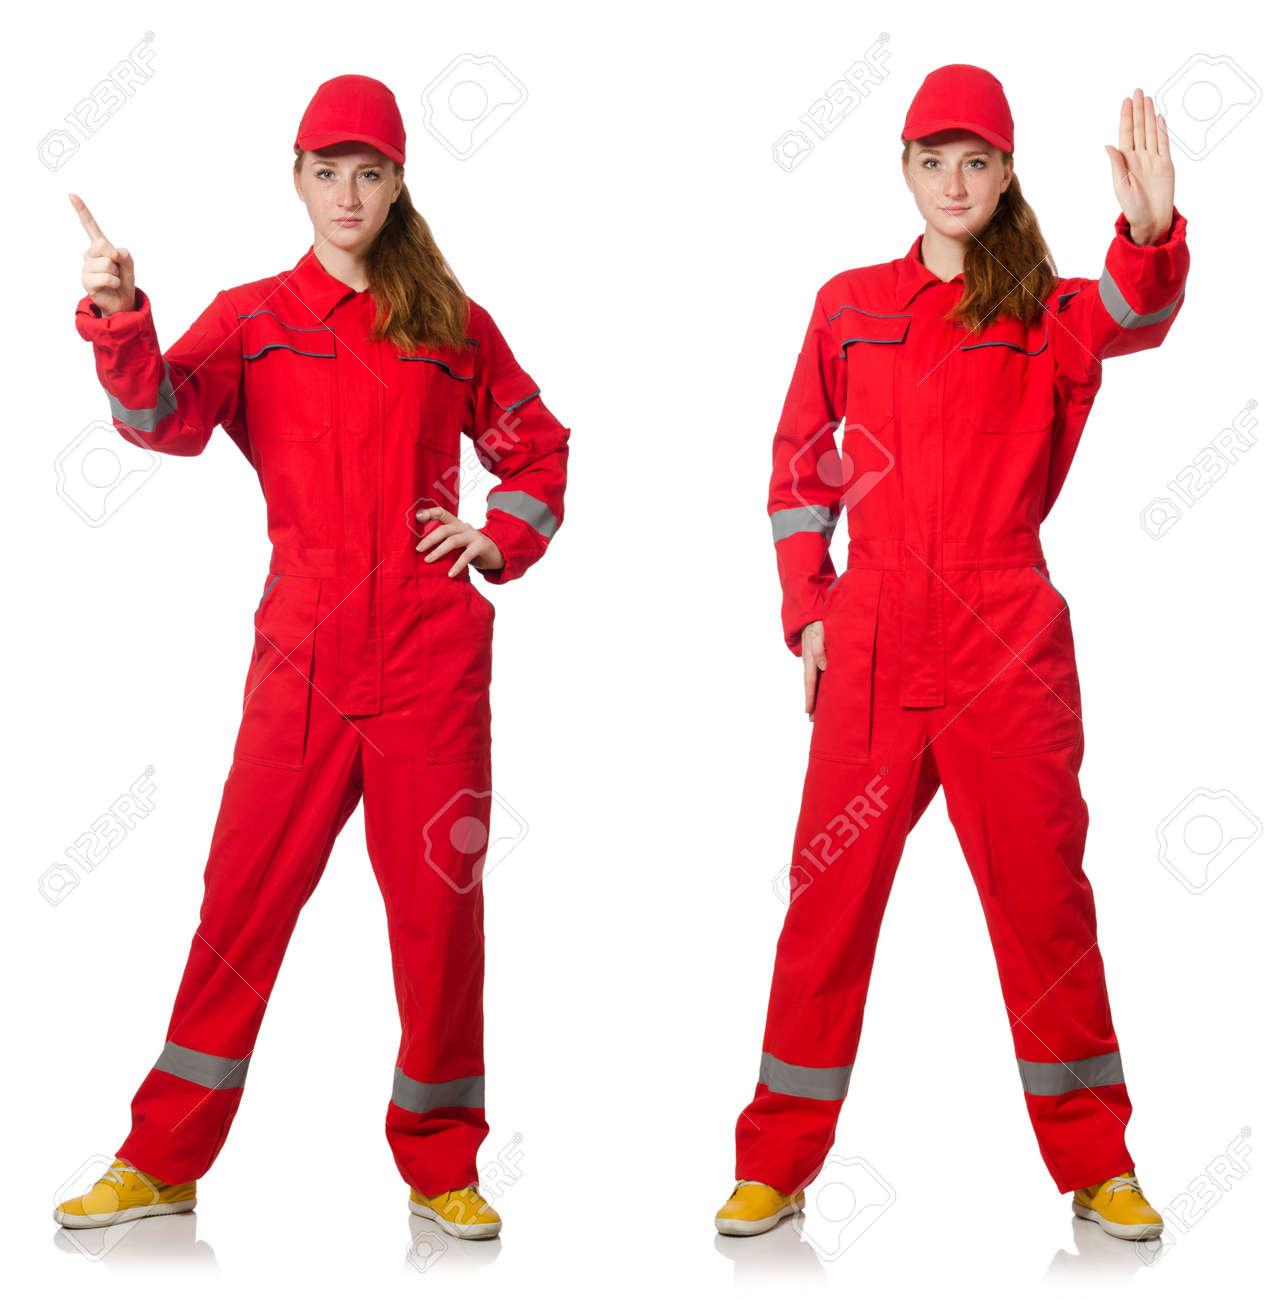 Spiksplinternieuw Vrouw In Rode Overall Op Wit Wordt Geïsoleerd Royalty-Vrije Foto PL-62